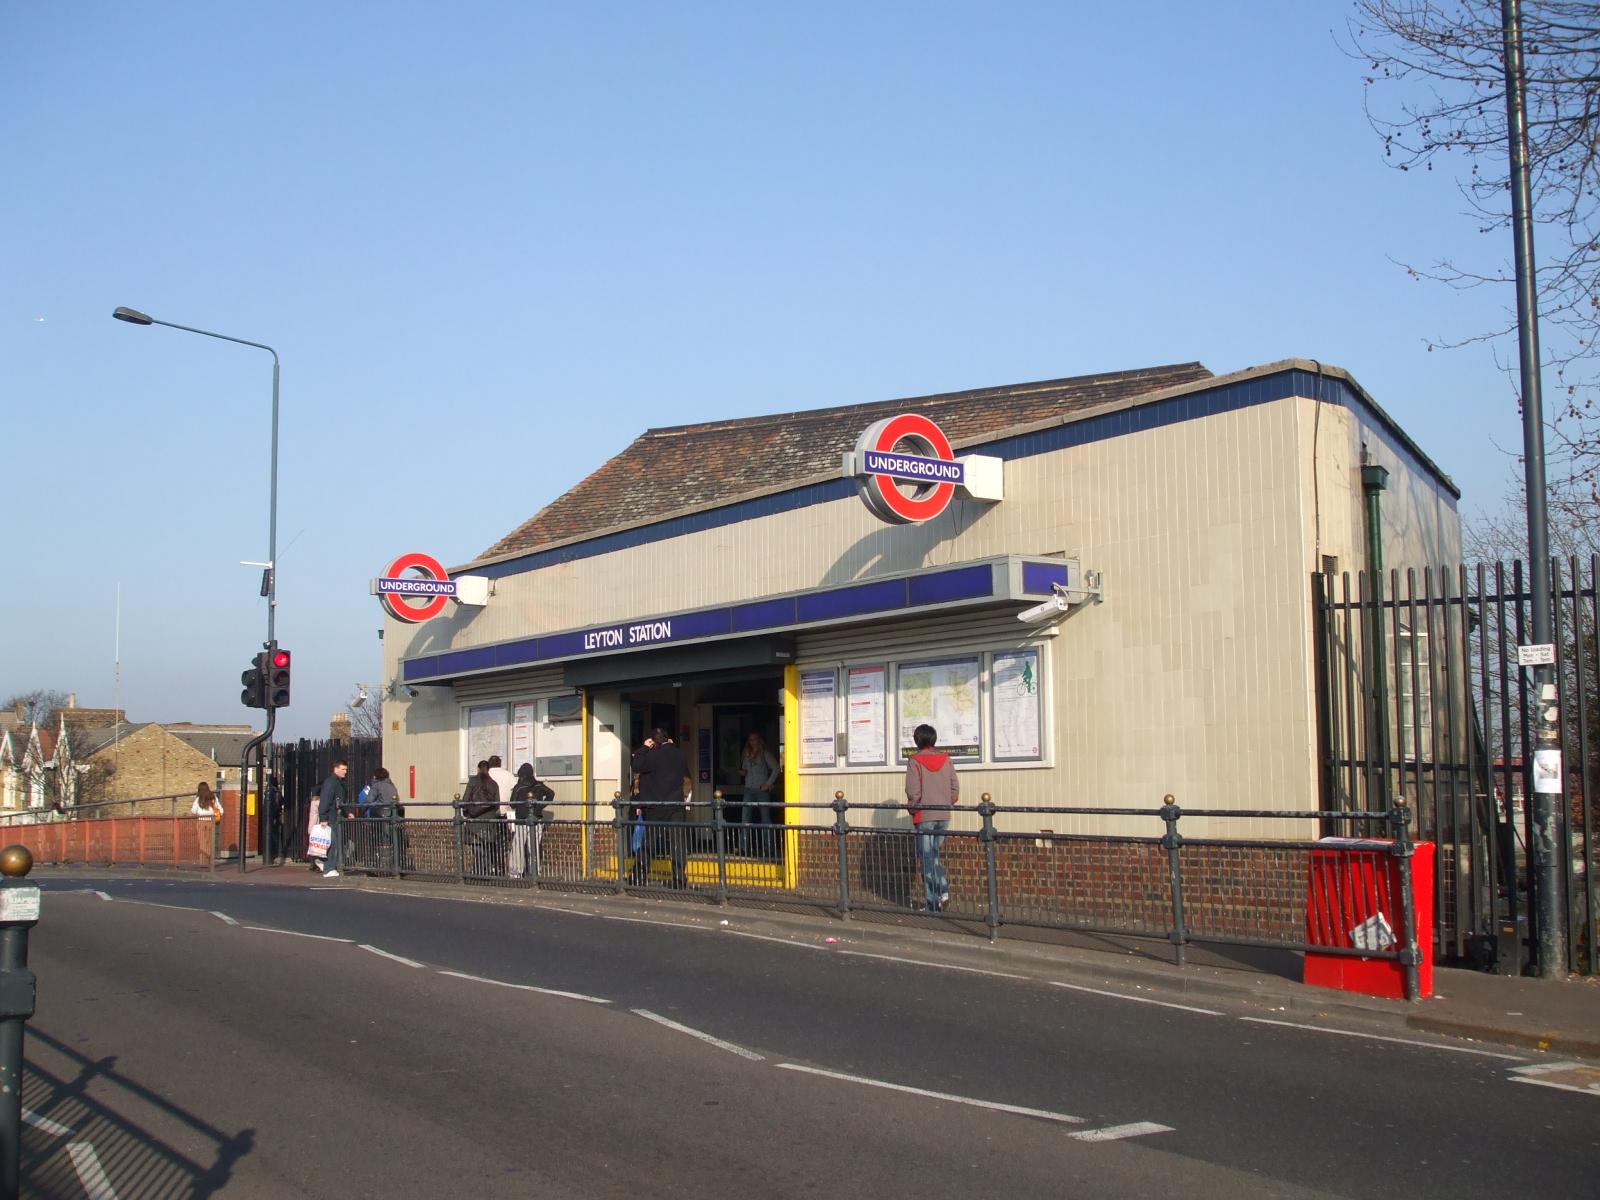 ایستگاه متروی لیتون